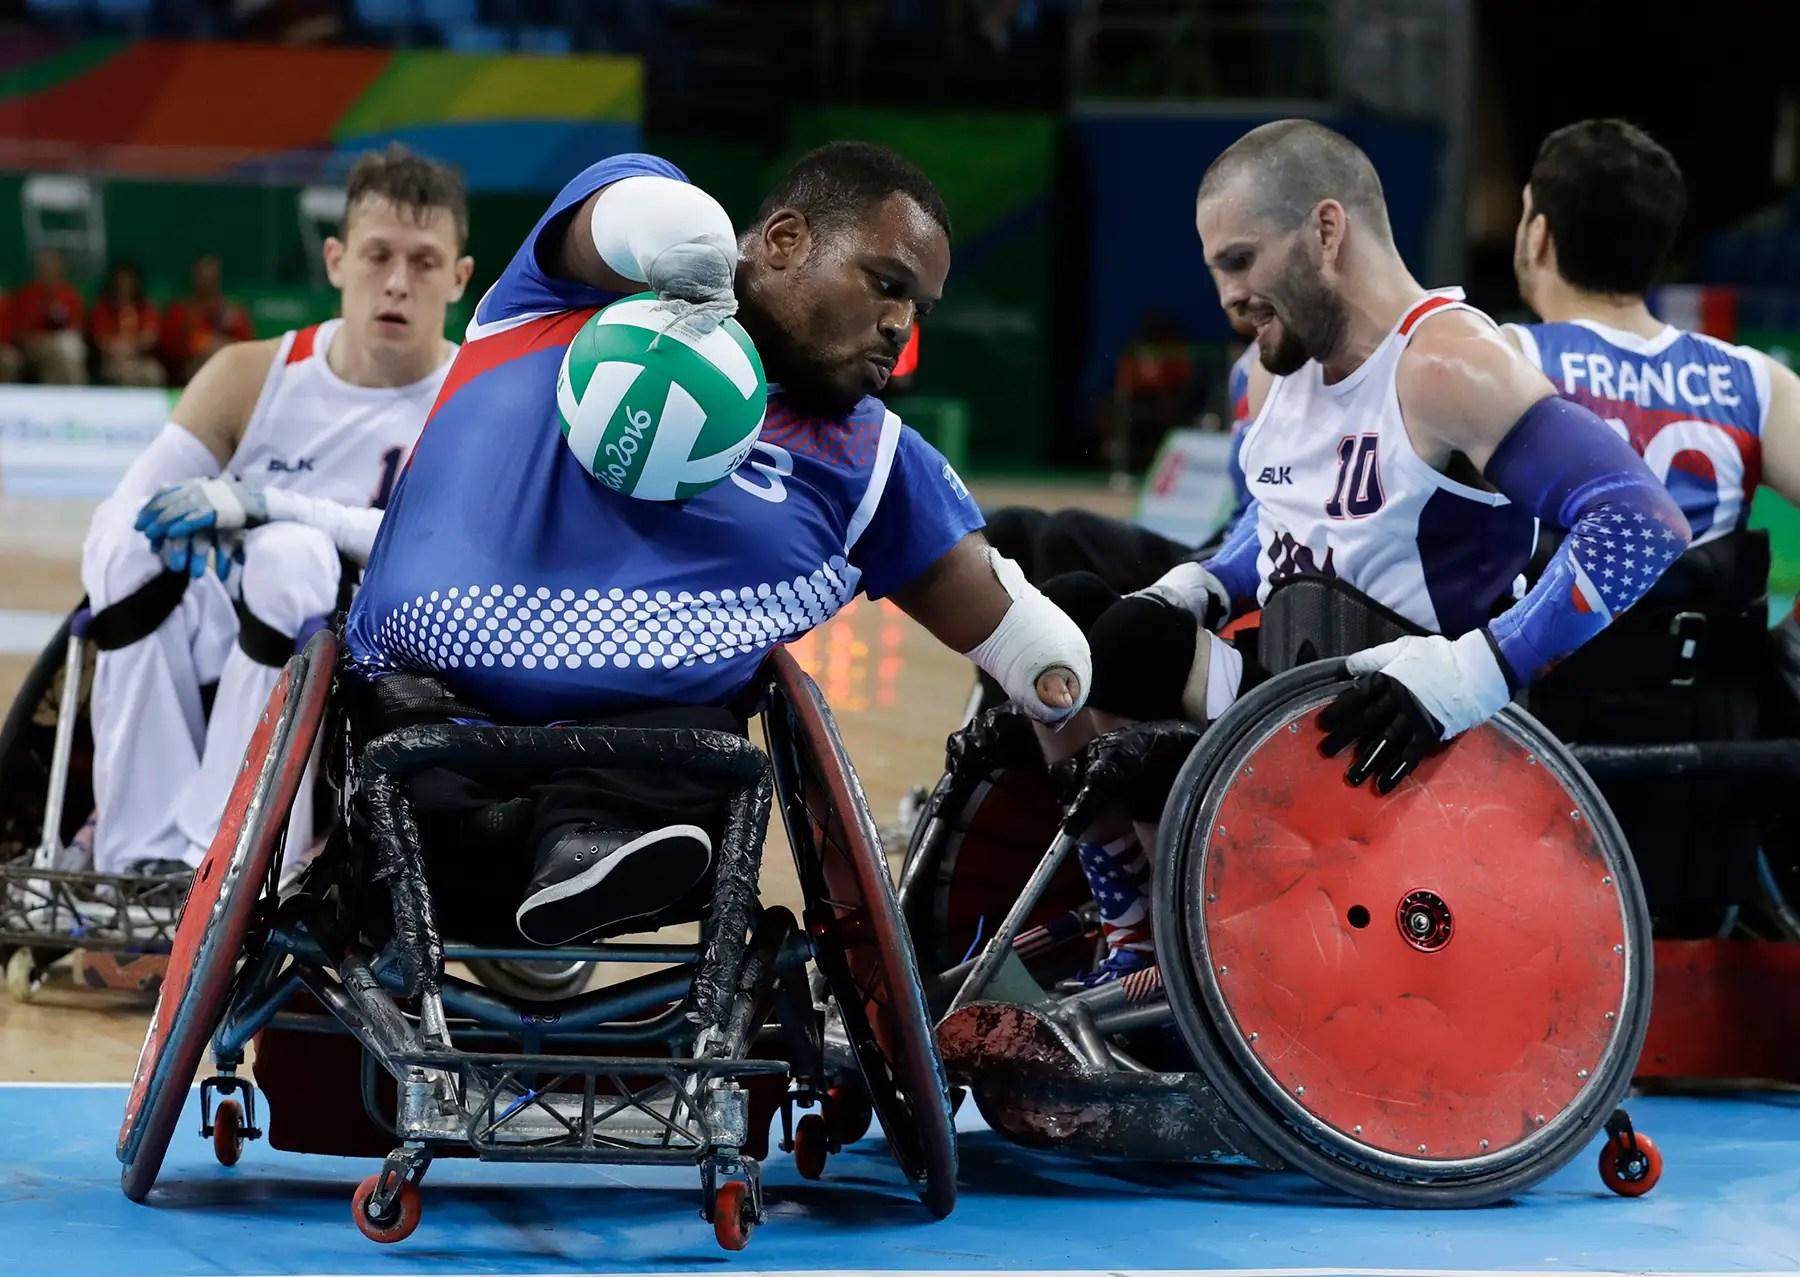 Los miembros del equipo de Francia y el equipo de EE.UU. compiten en el rugby en silla de ruedas mixta.